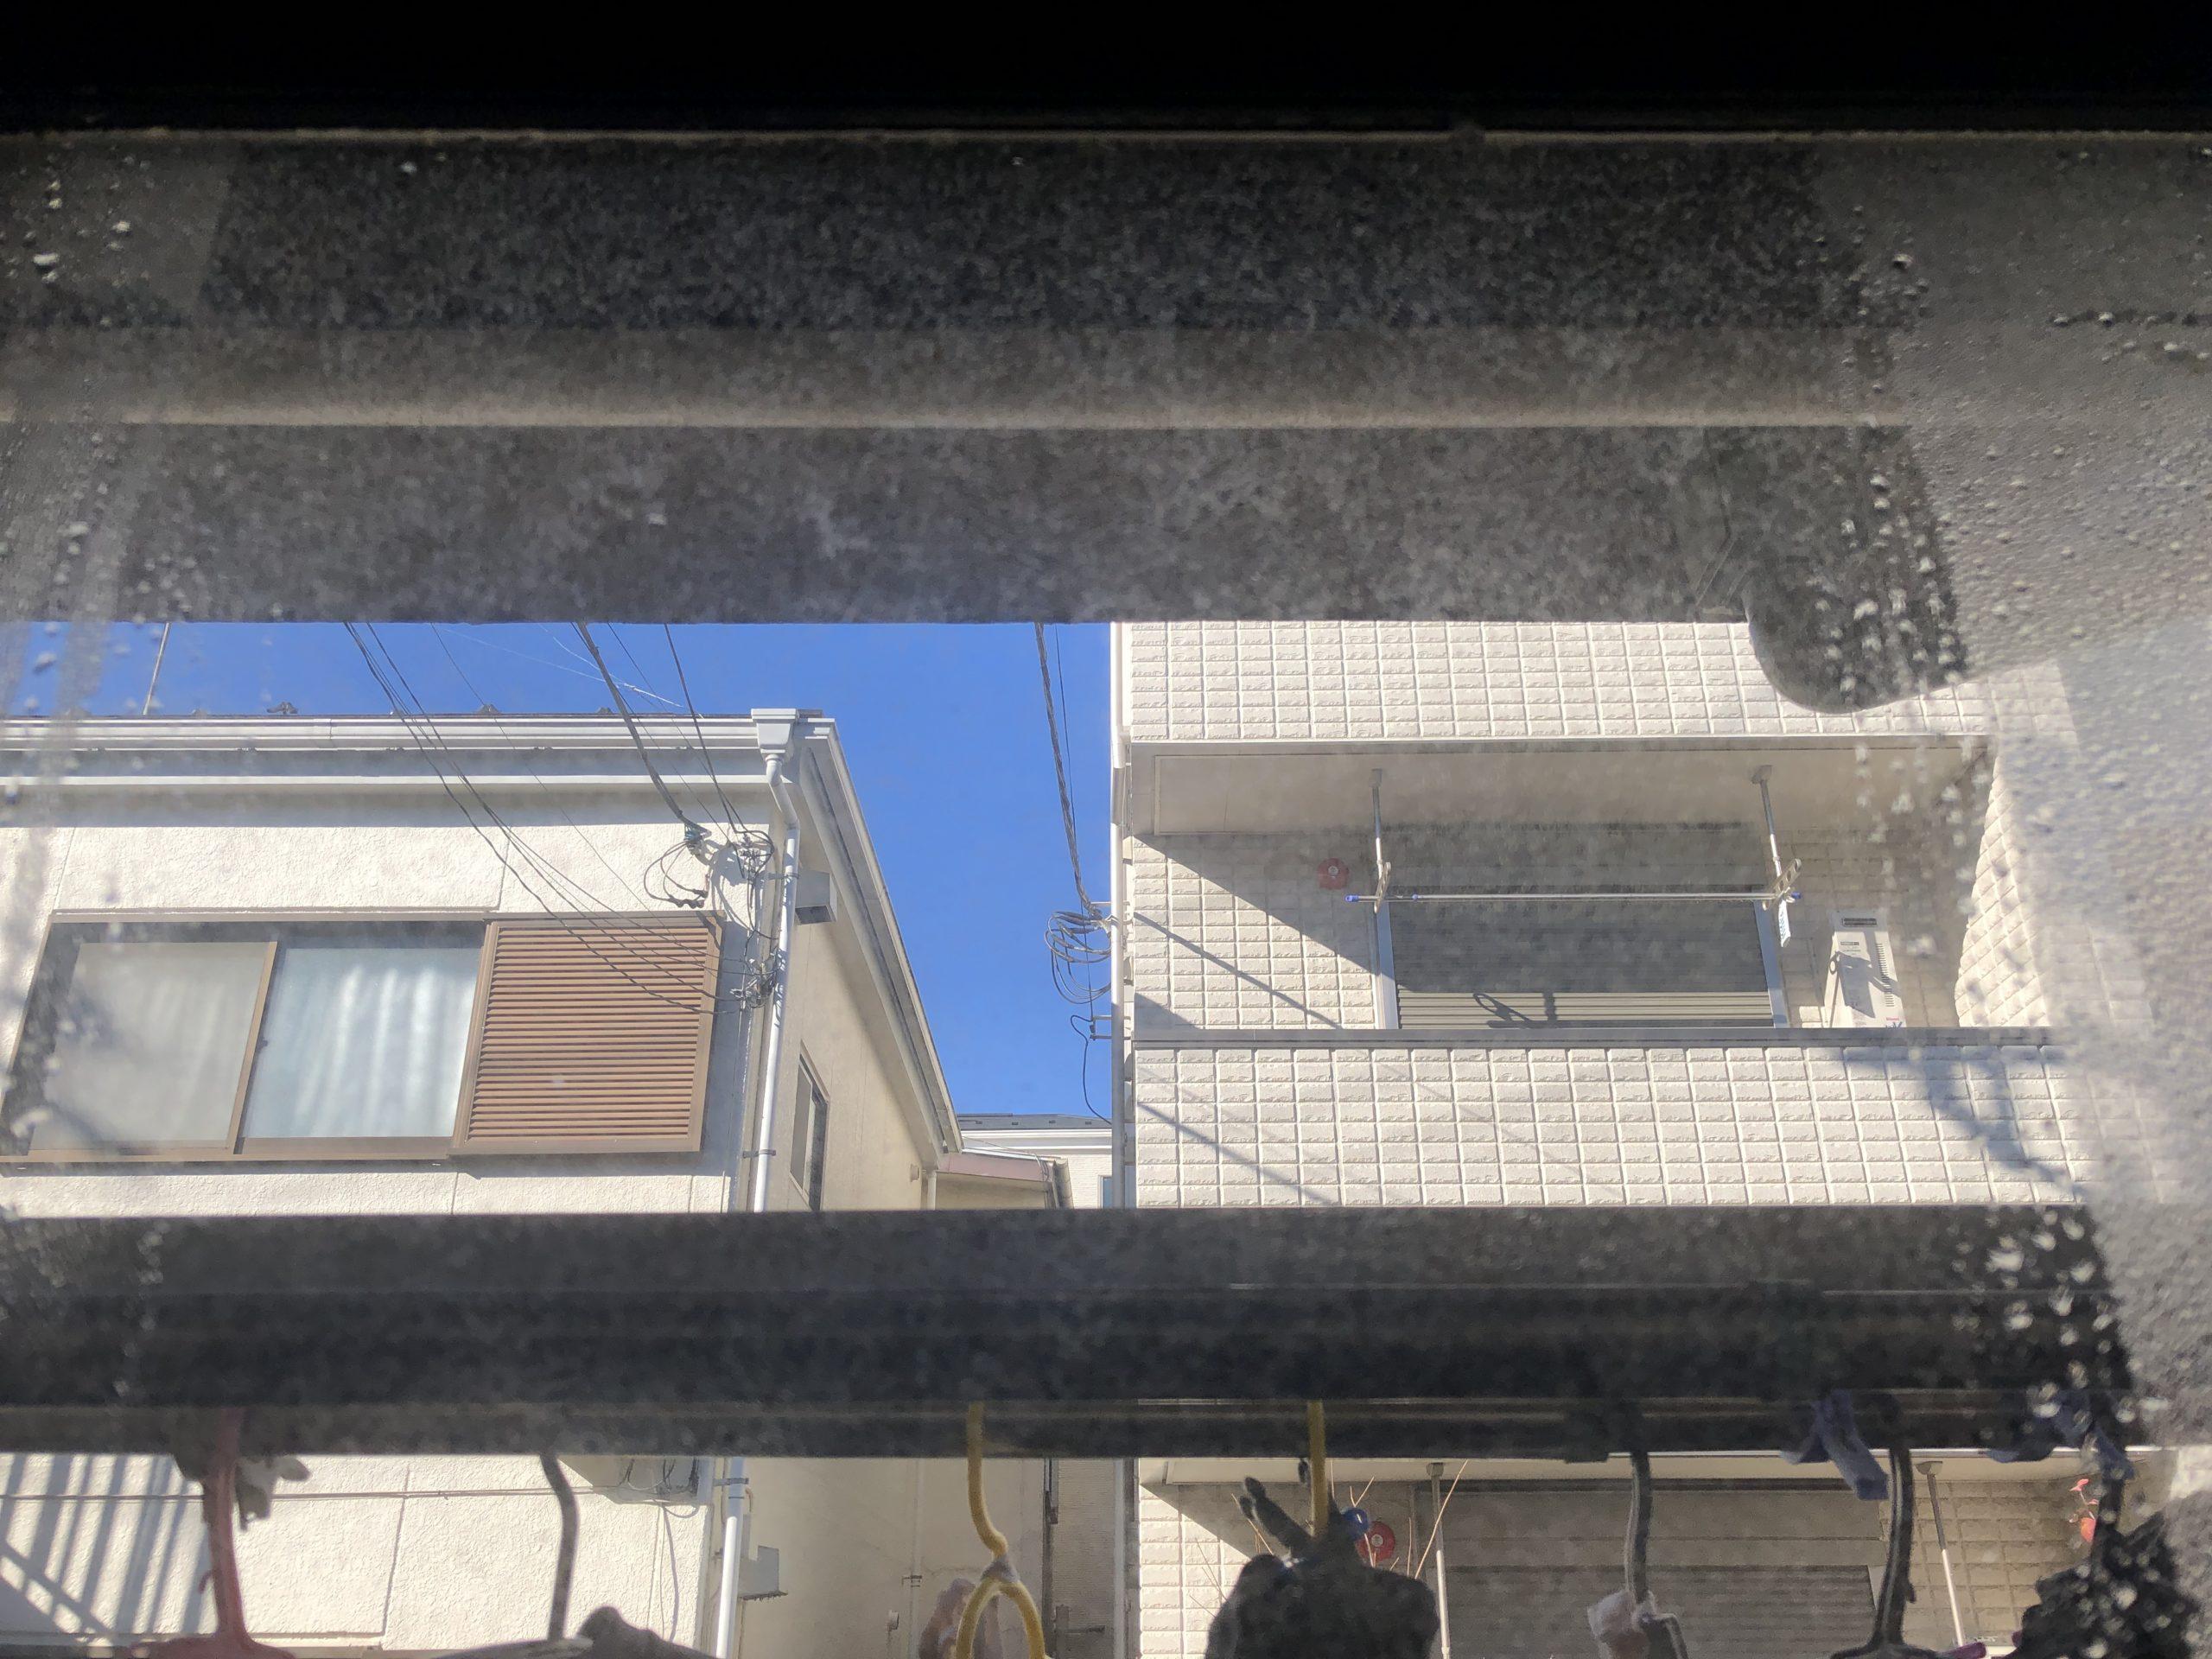 結露取りワイパーを使うとかんたんに窓の結露を取り除ける!